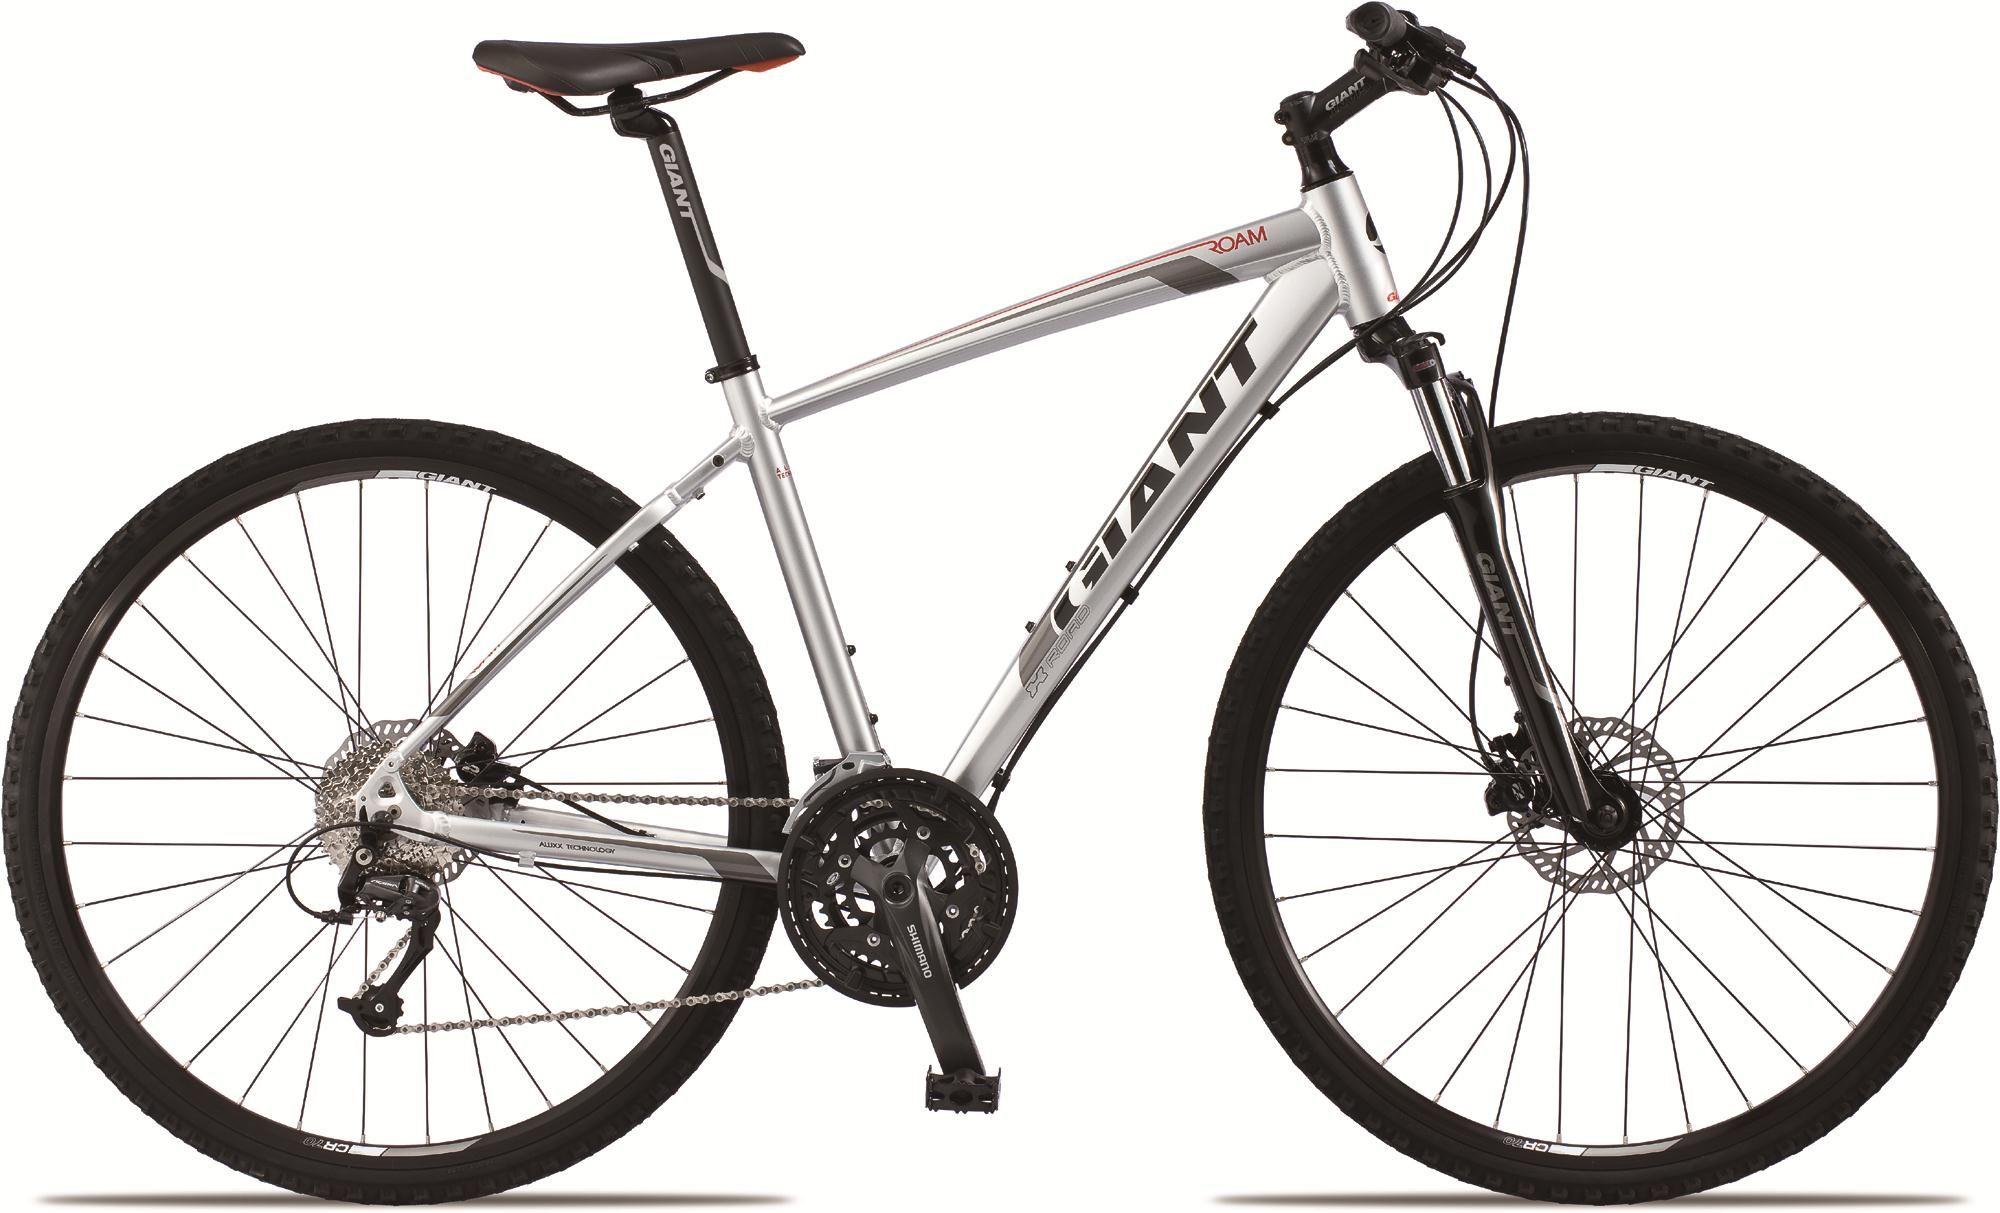 Roam 2 2013 Giant Bicycles United States Hybrid Bike Bicycle Bike